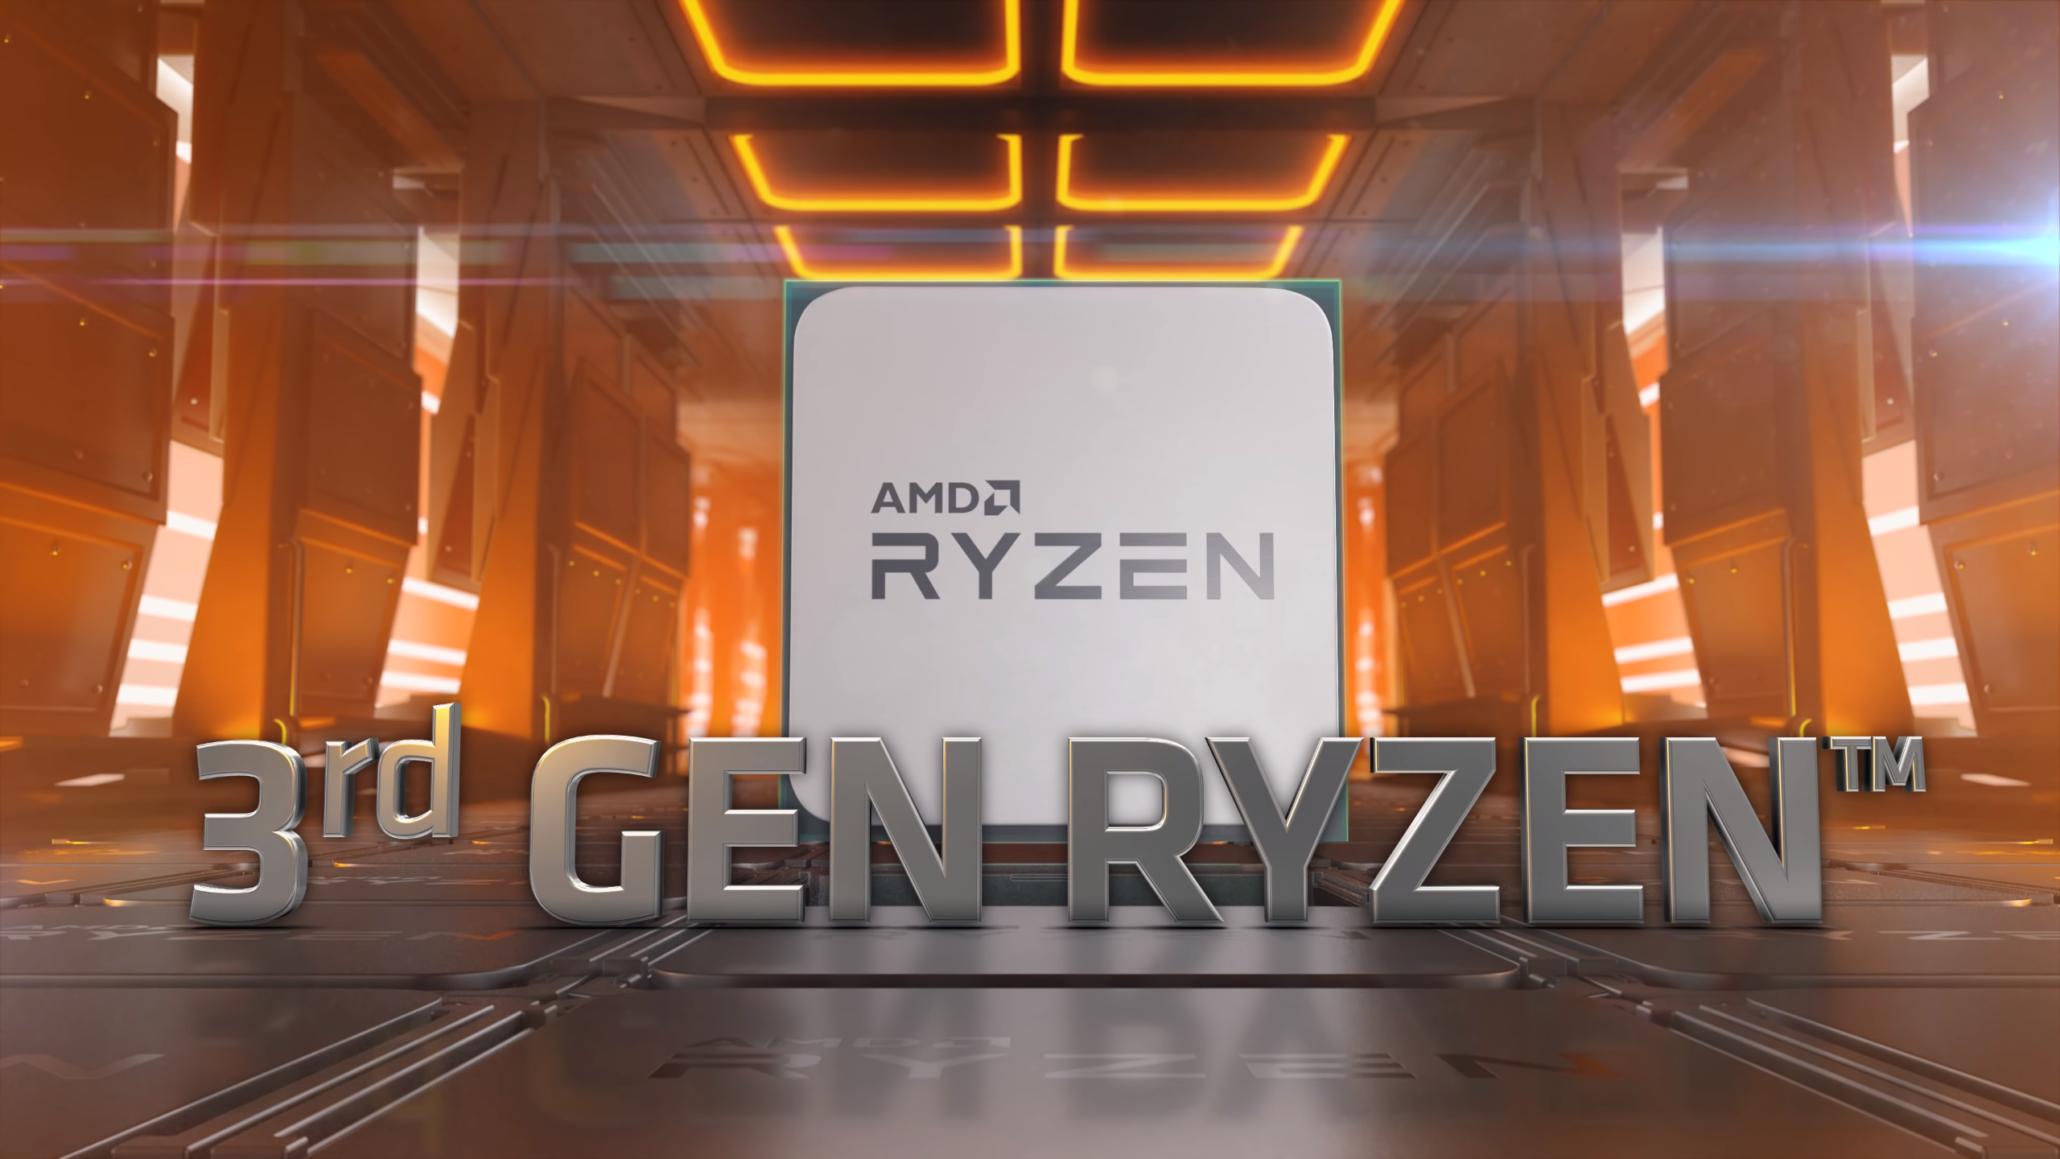 דגם שמונה ליבות מהדור החדש של AMD בירידת מחיר קלה